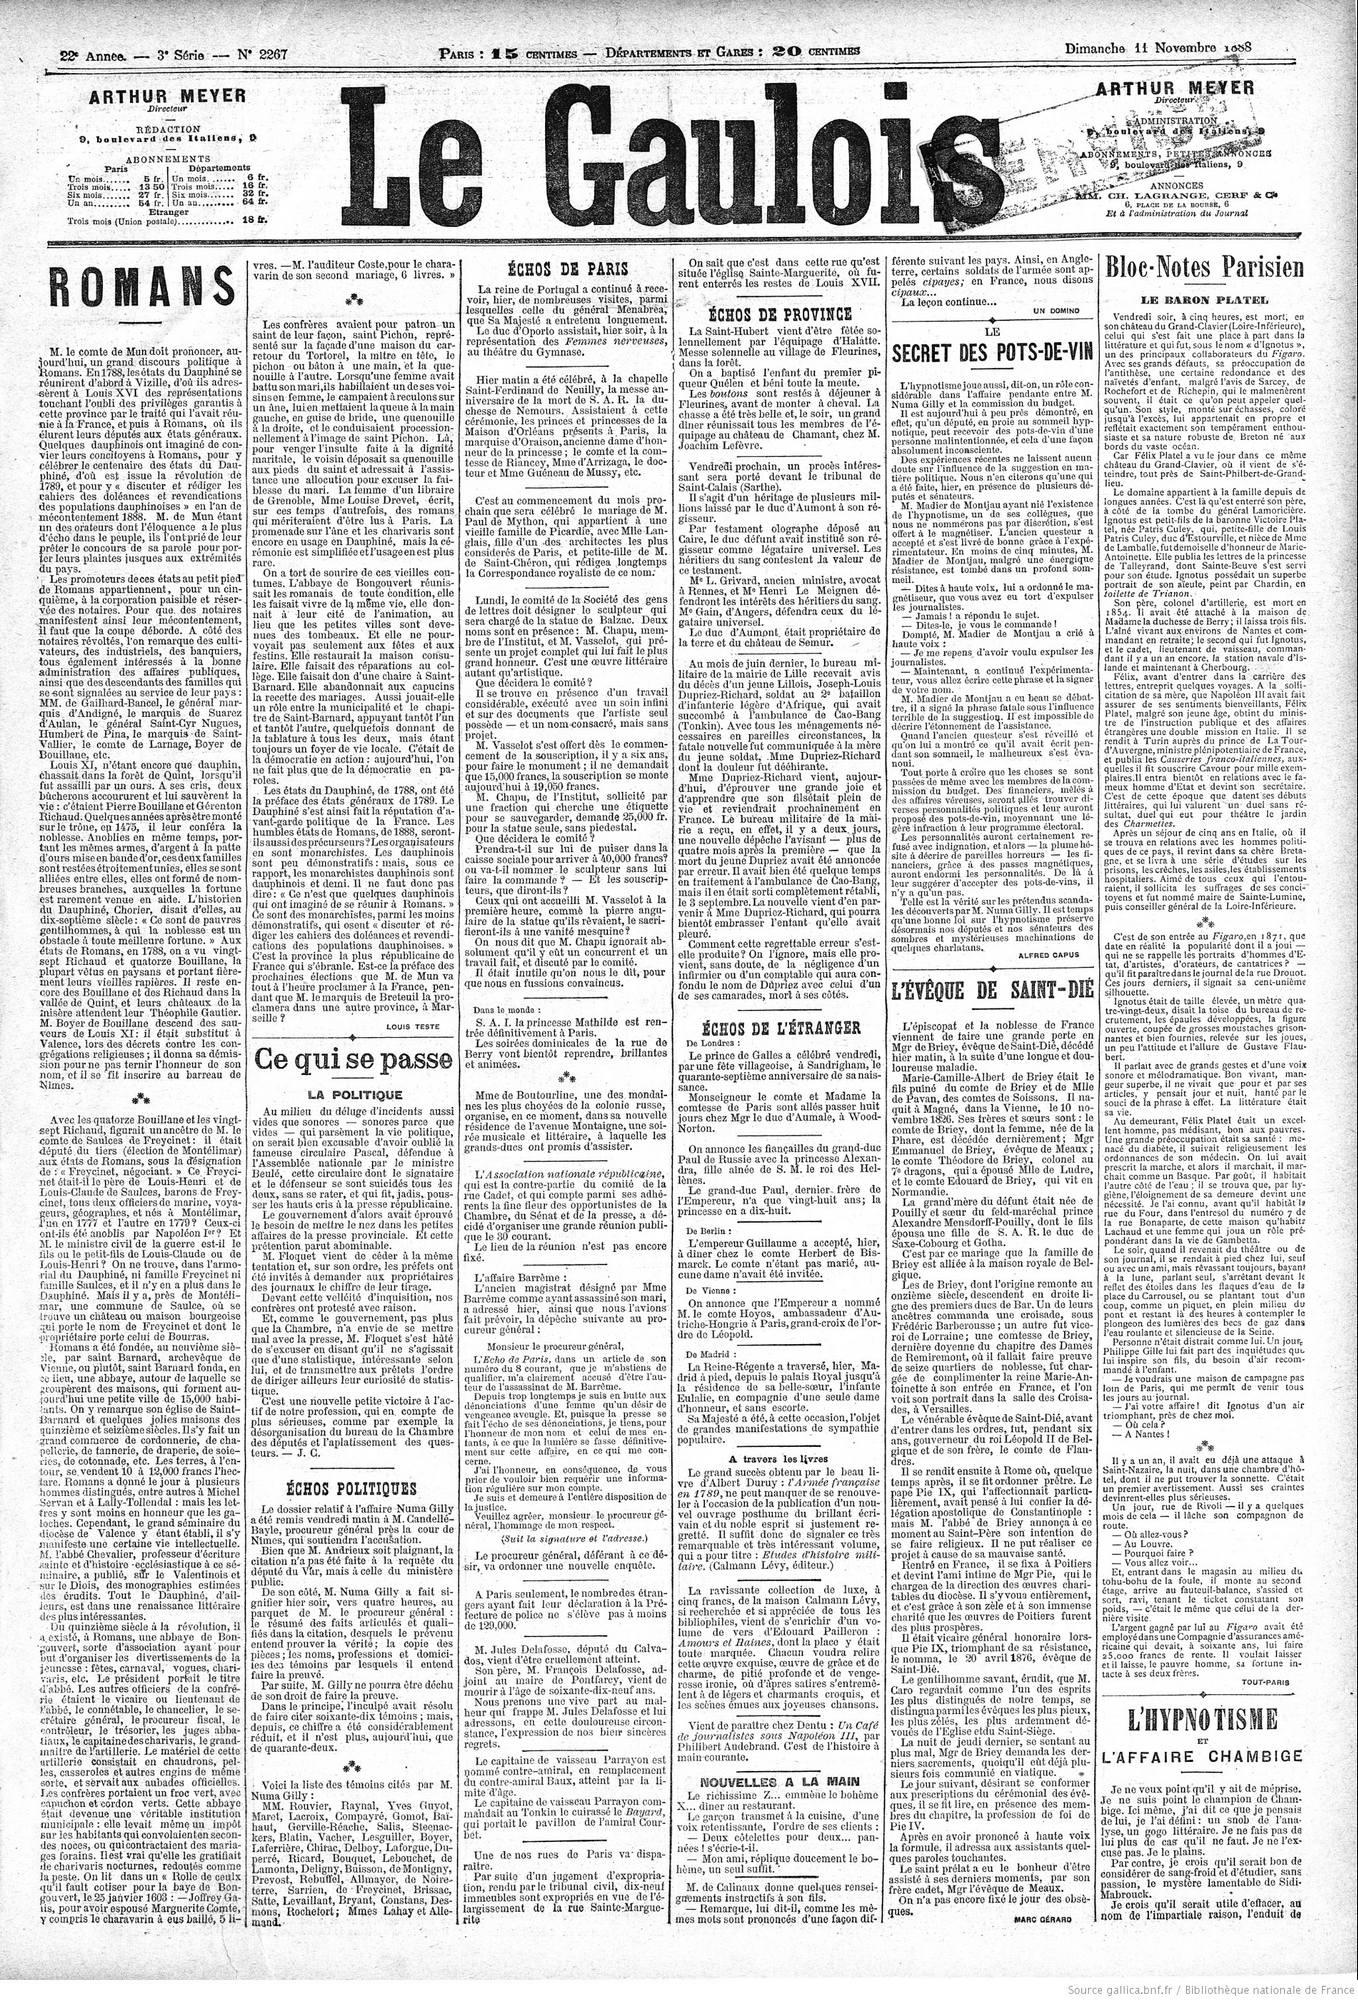 Le Gaulois, 11 novembre 1888